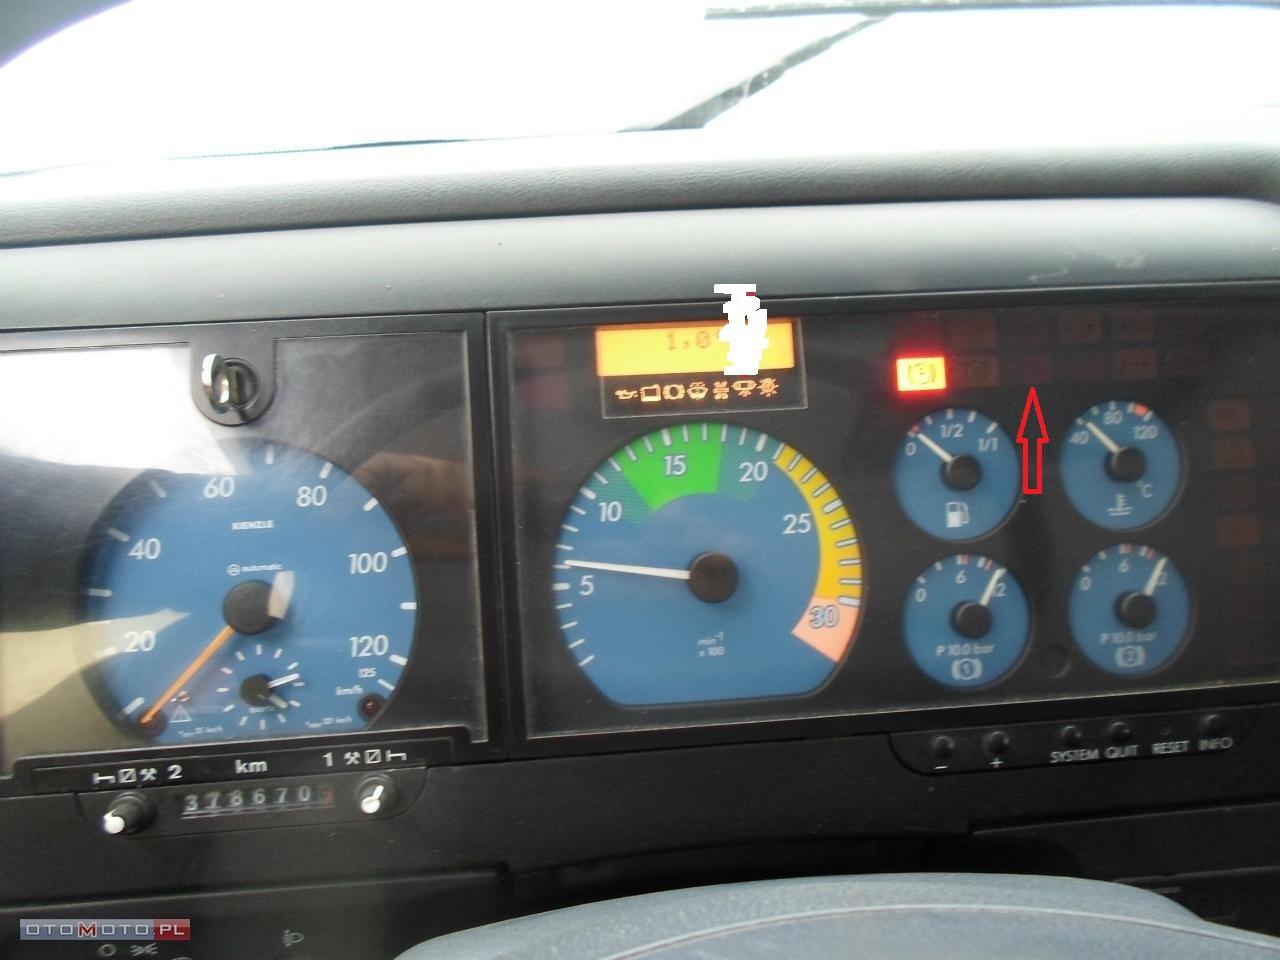 Mercedes Vario - Od czego jest ta kontrolka